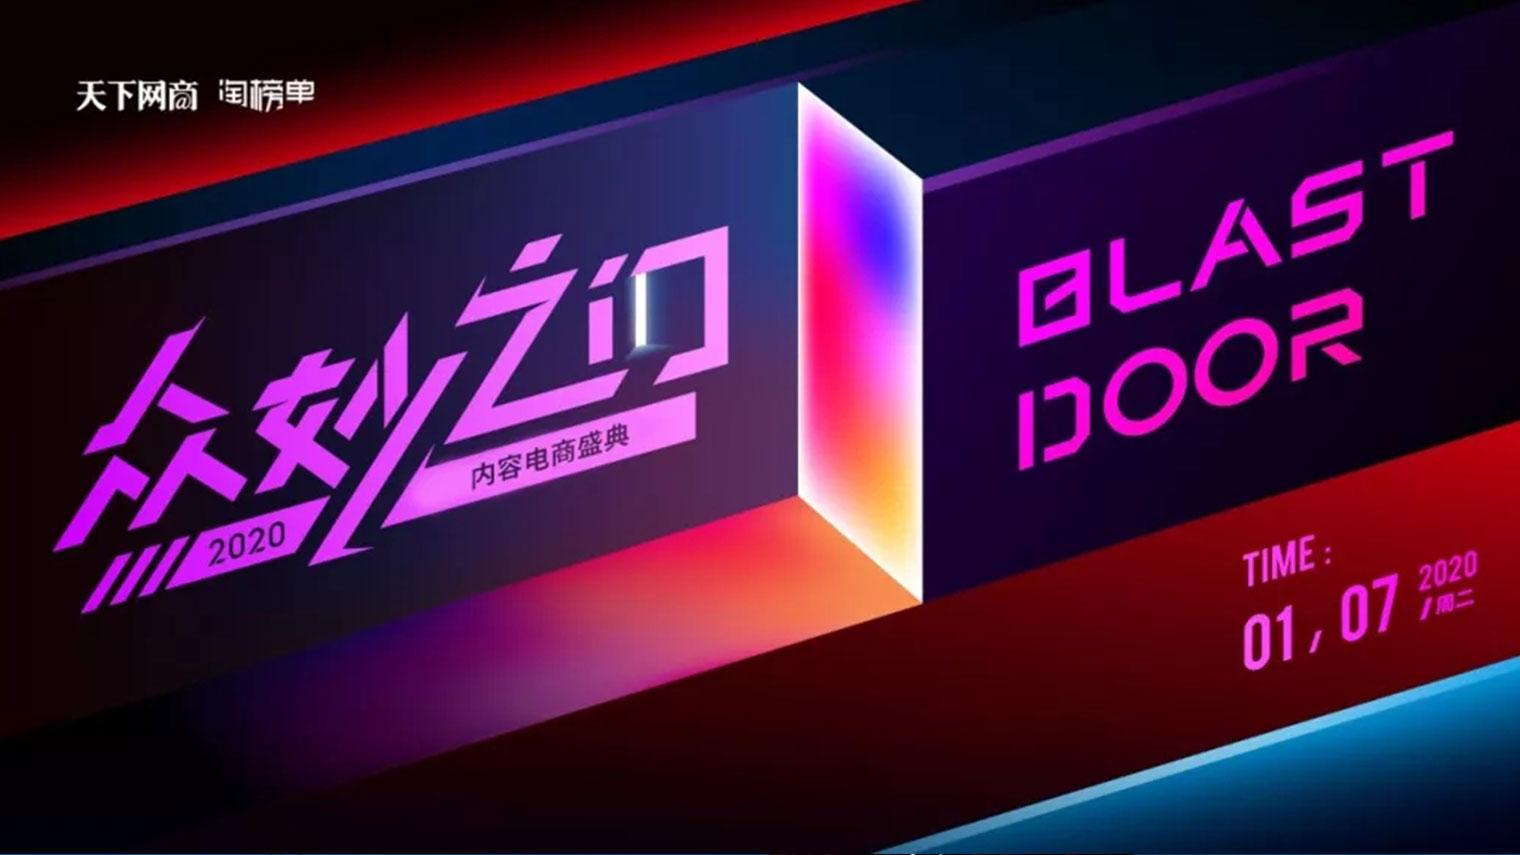 众妙之门·2020内容电商盛典